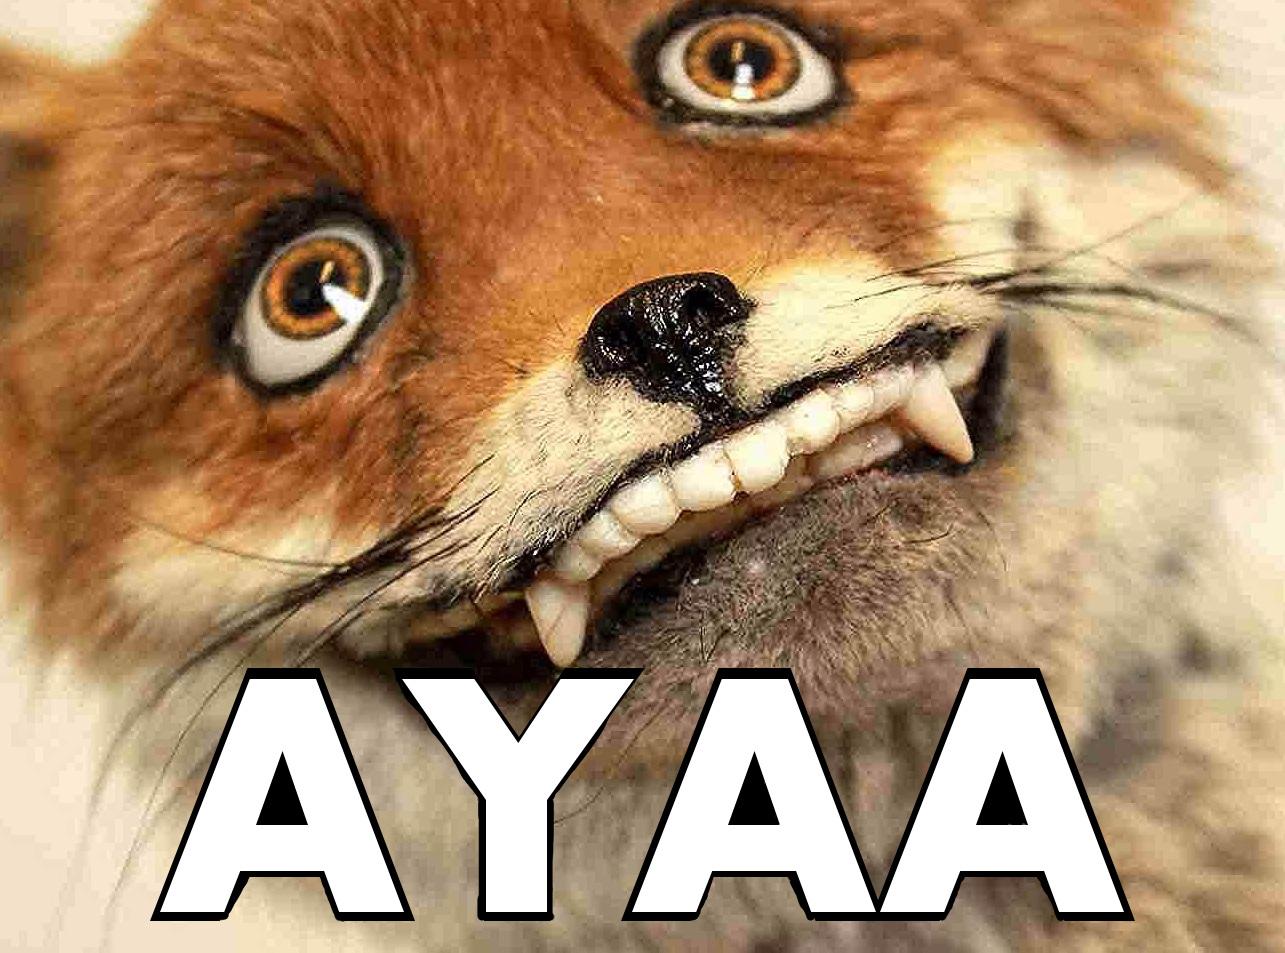 Sticker other renard fox ayaa